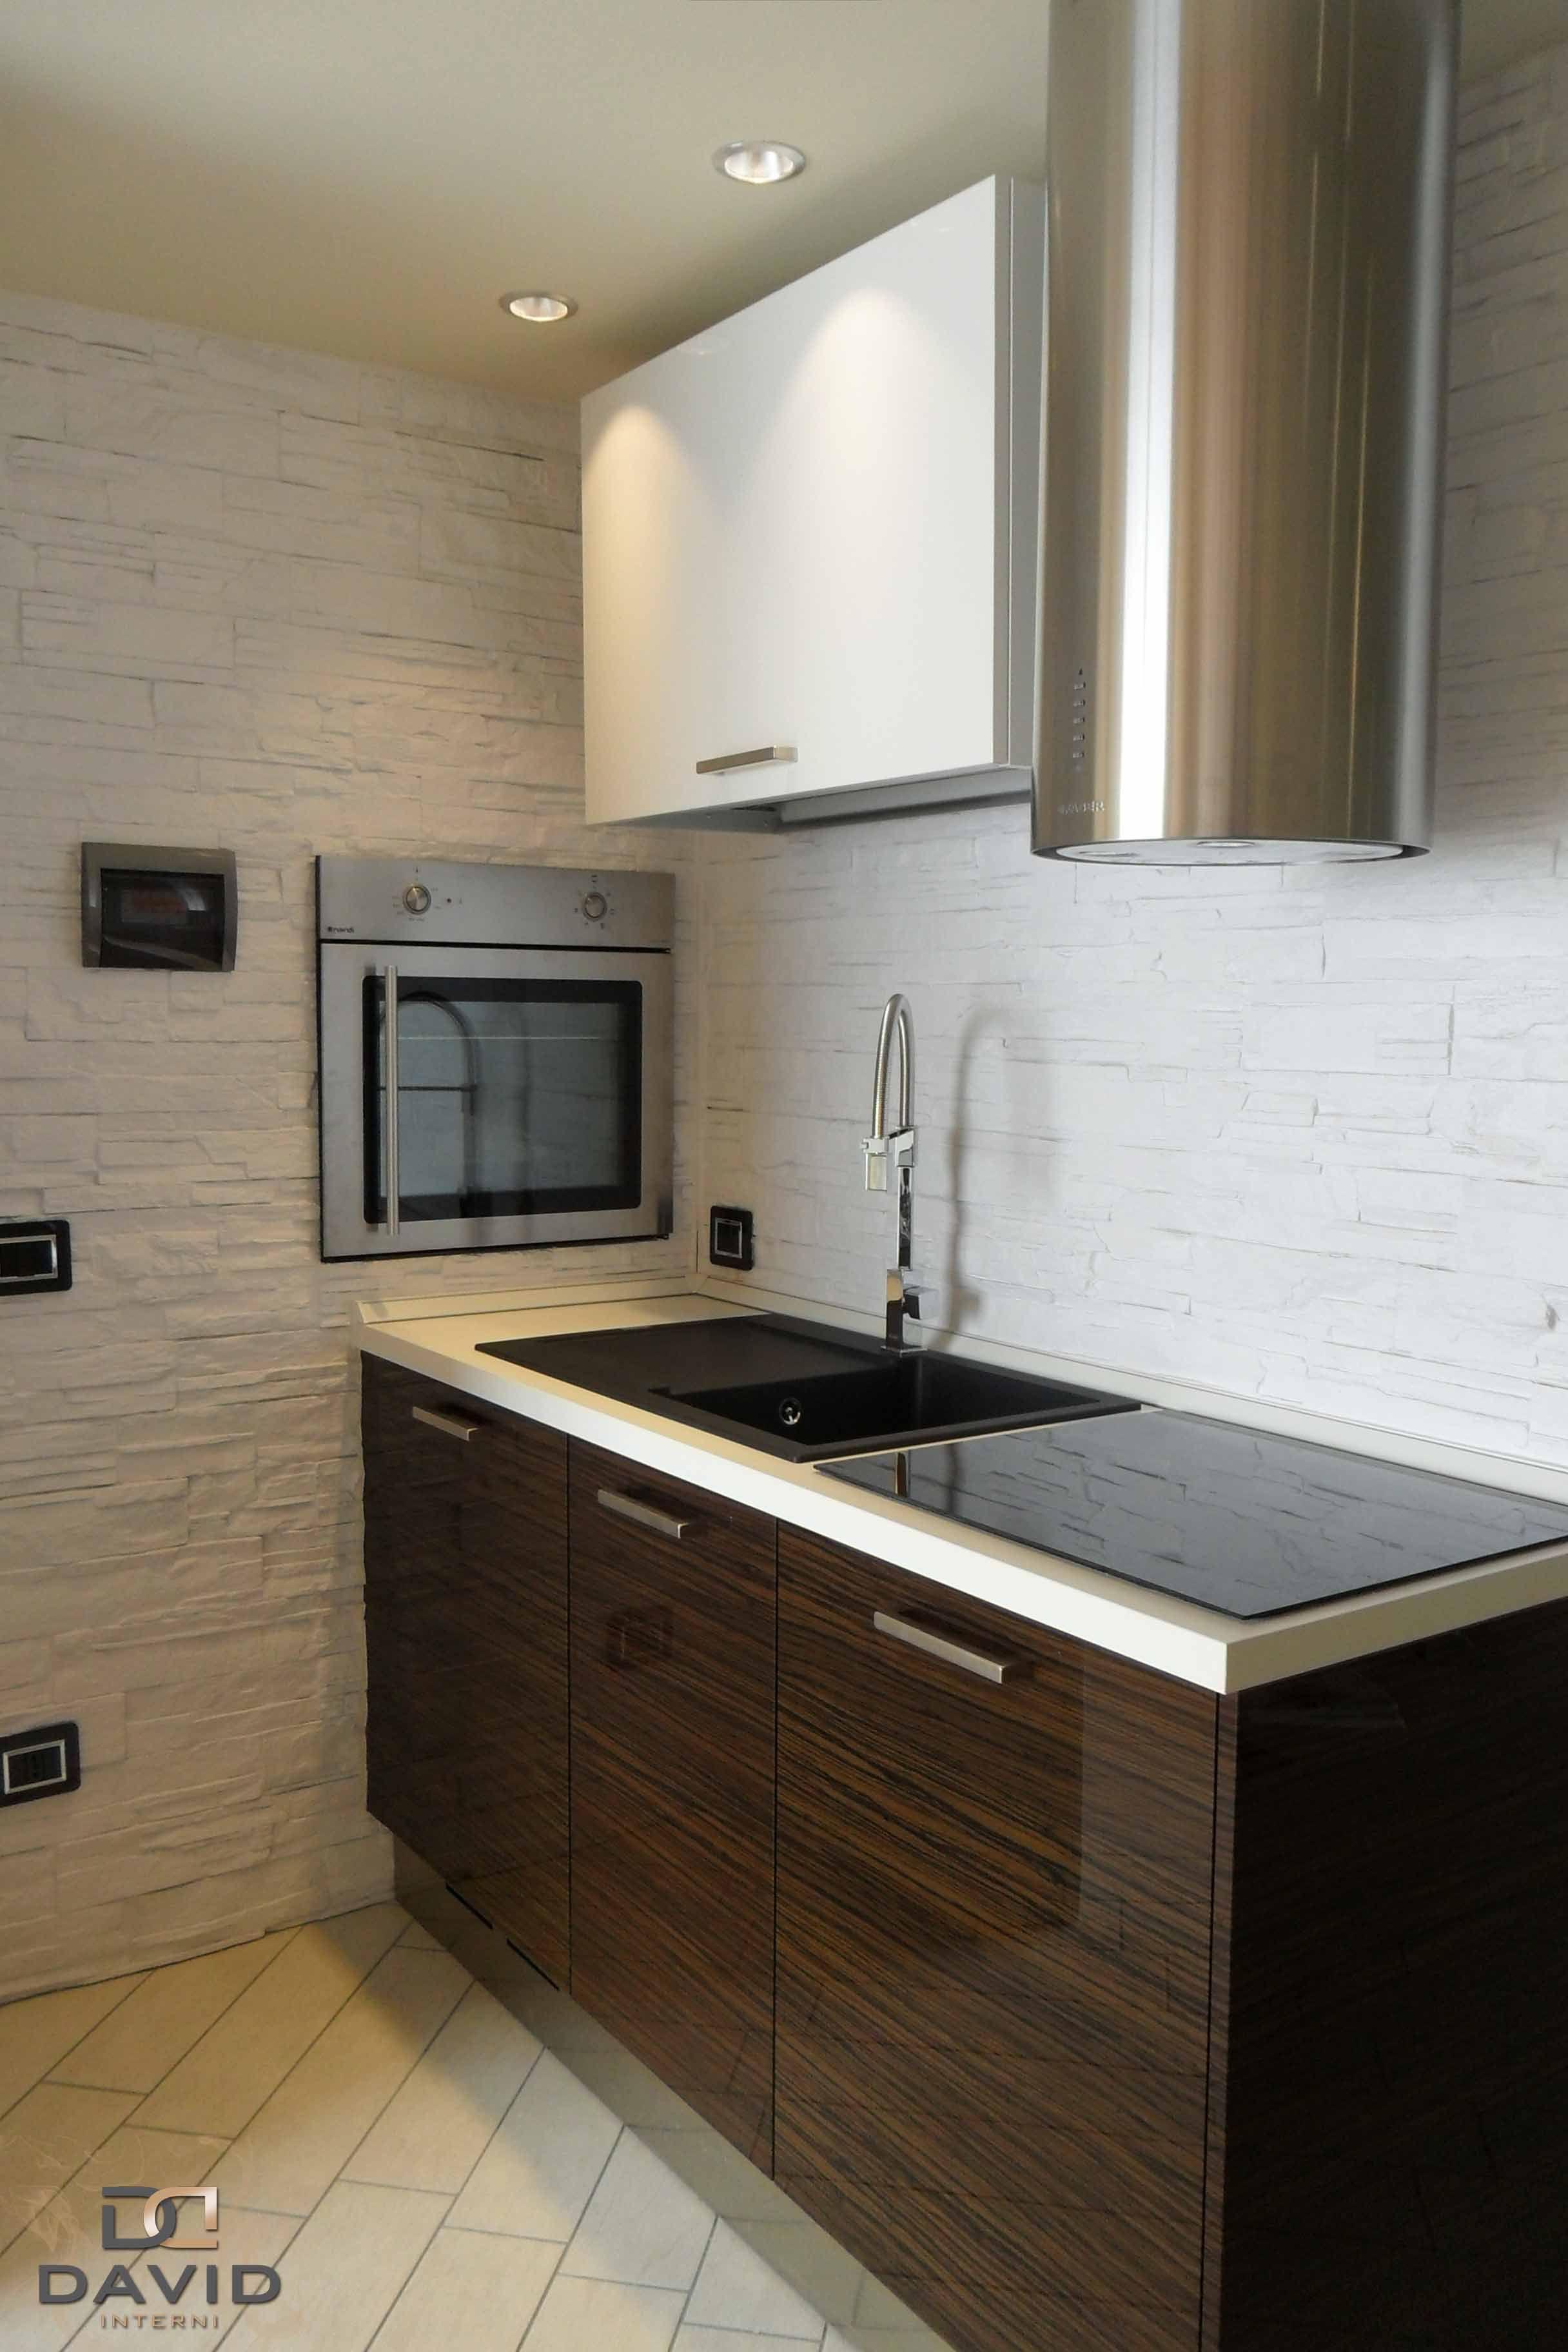 Cucina su misura in laccato bianco e ebano con elettrodomestici in ...